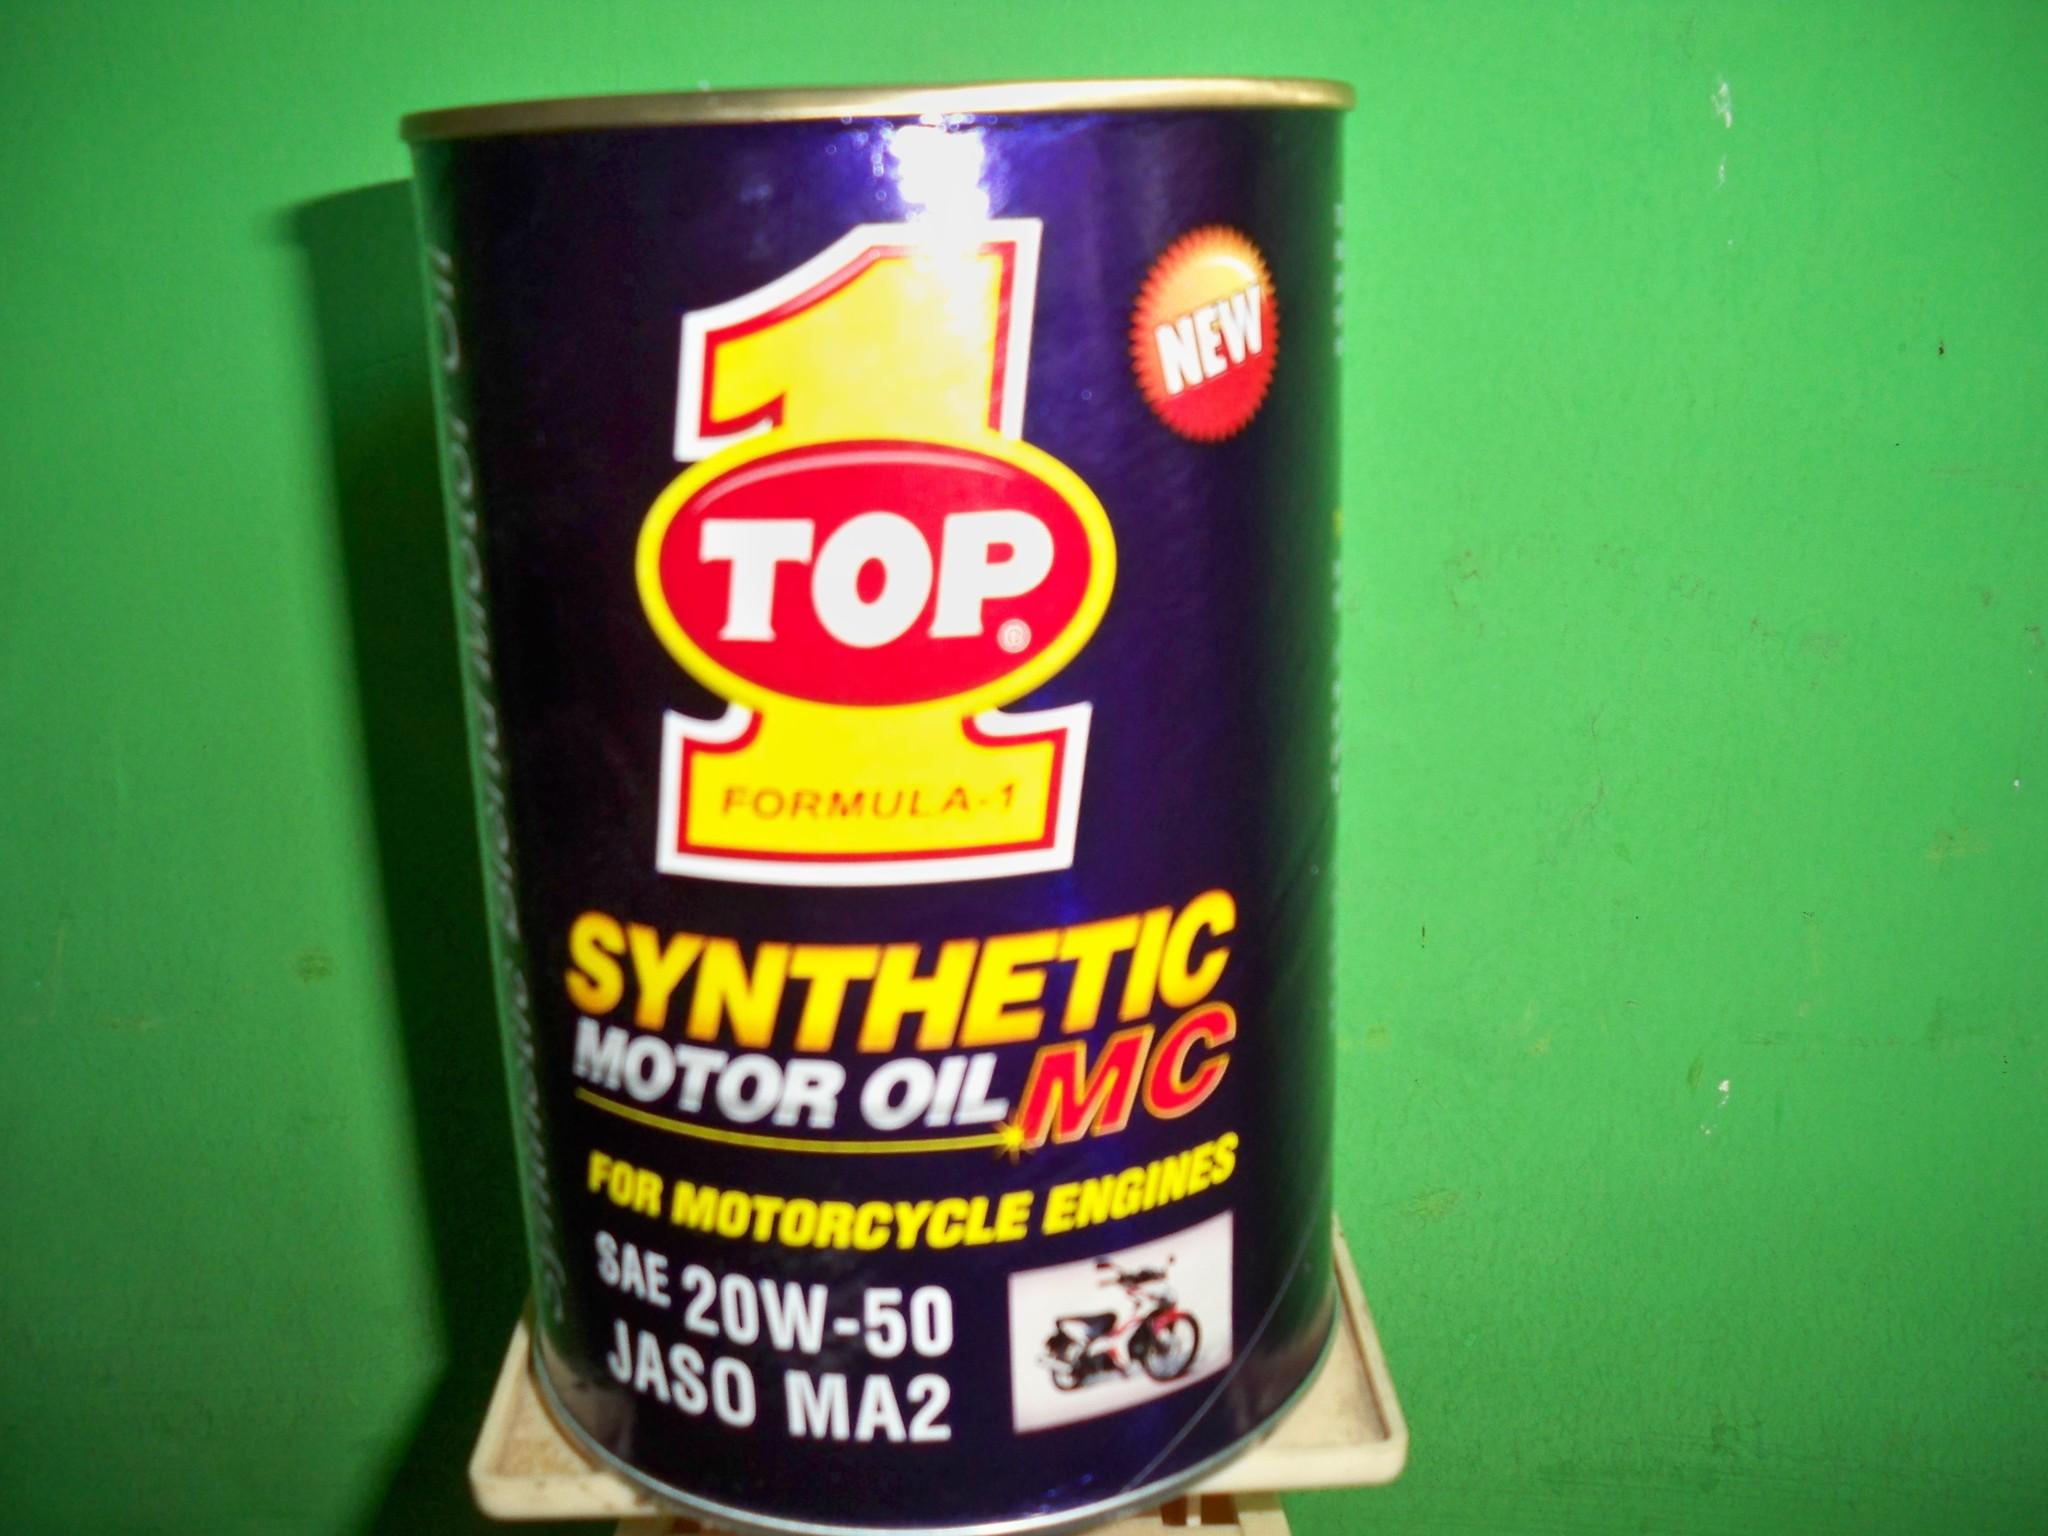 Kelebihan Oli Synthetic Top 1 untuk kendaraan